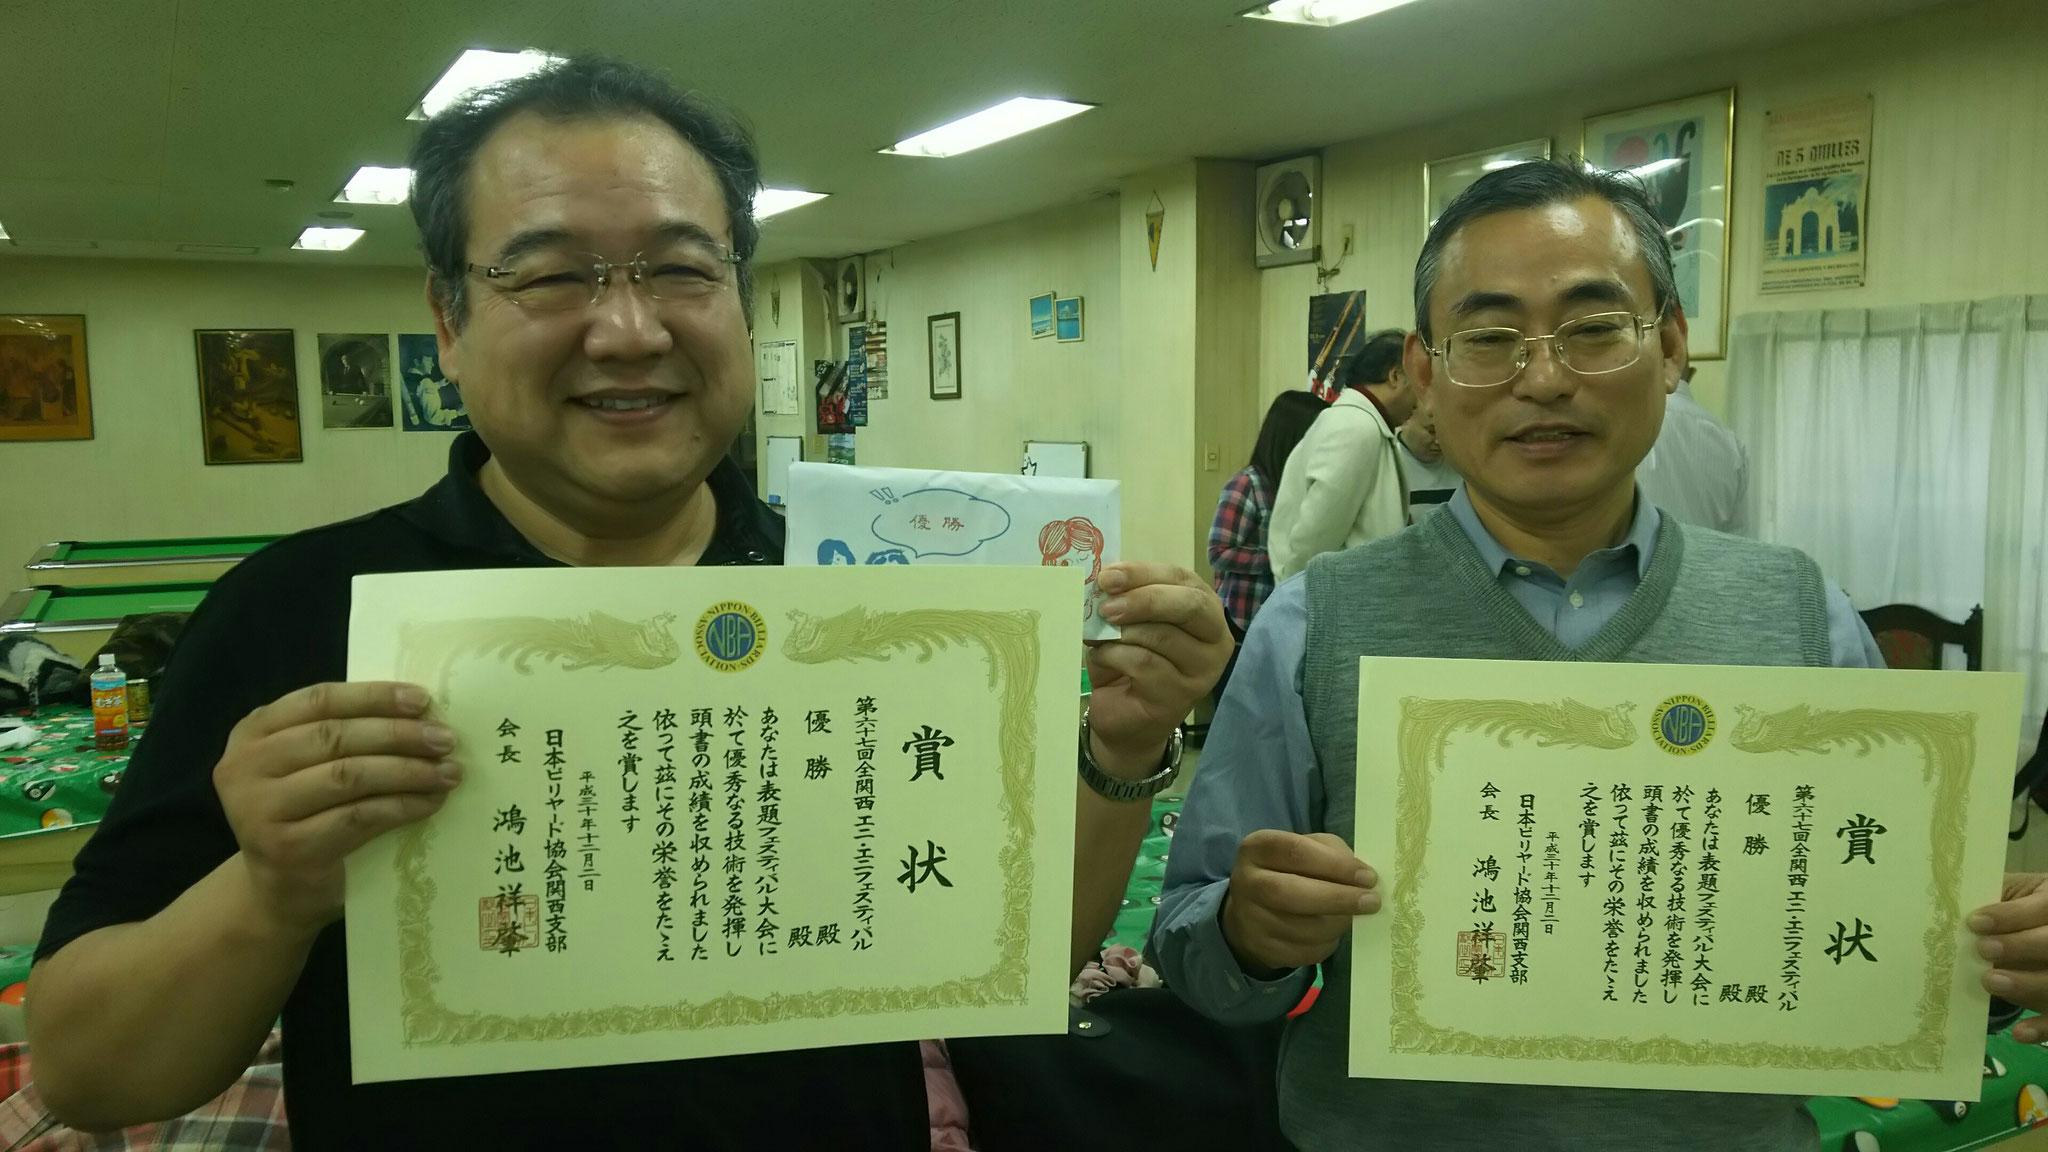 エニエニ優勝の吉村さんと三野さん